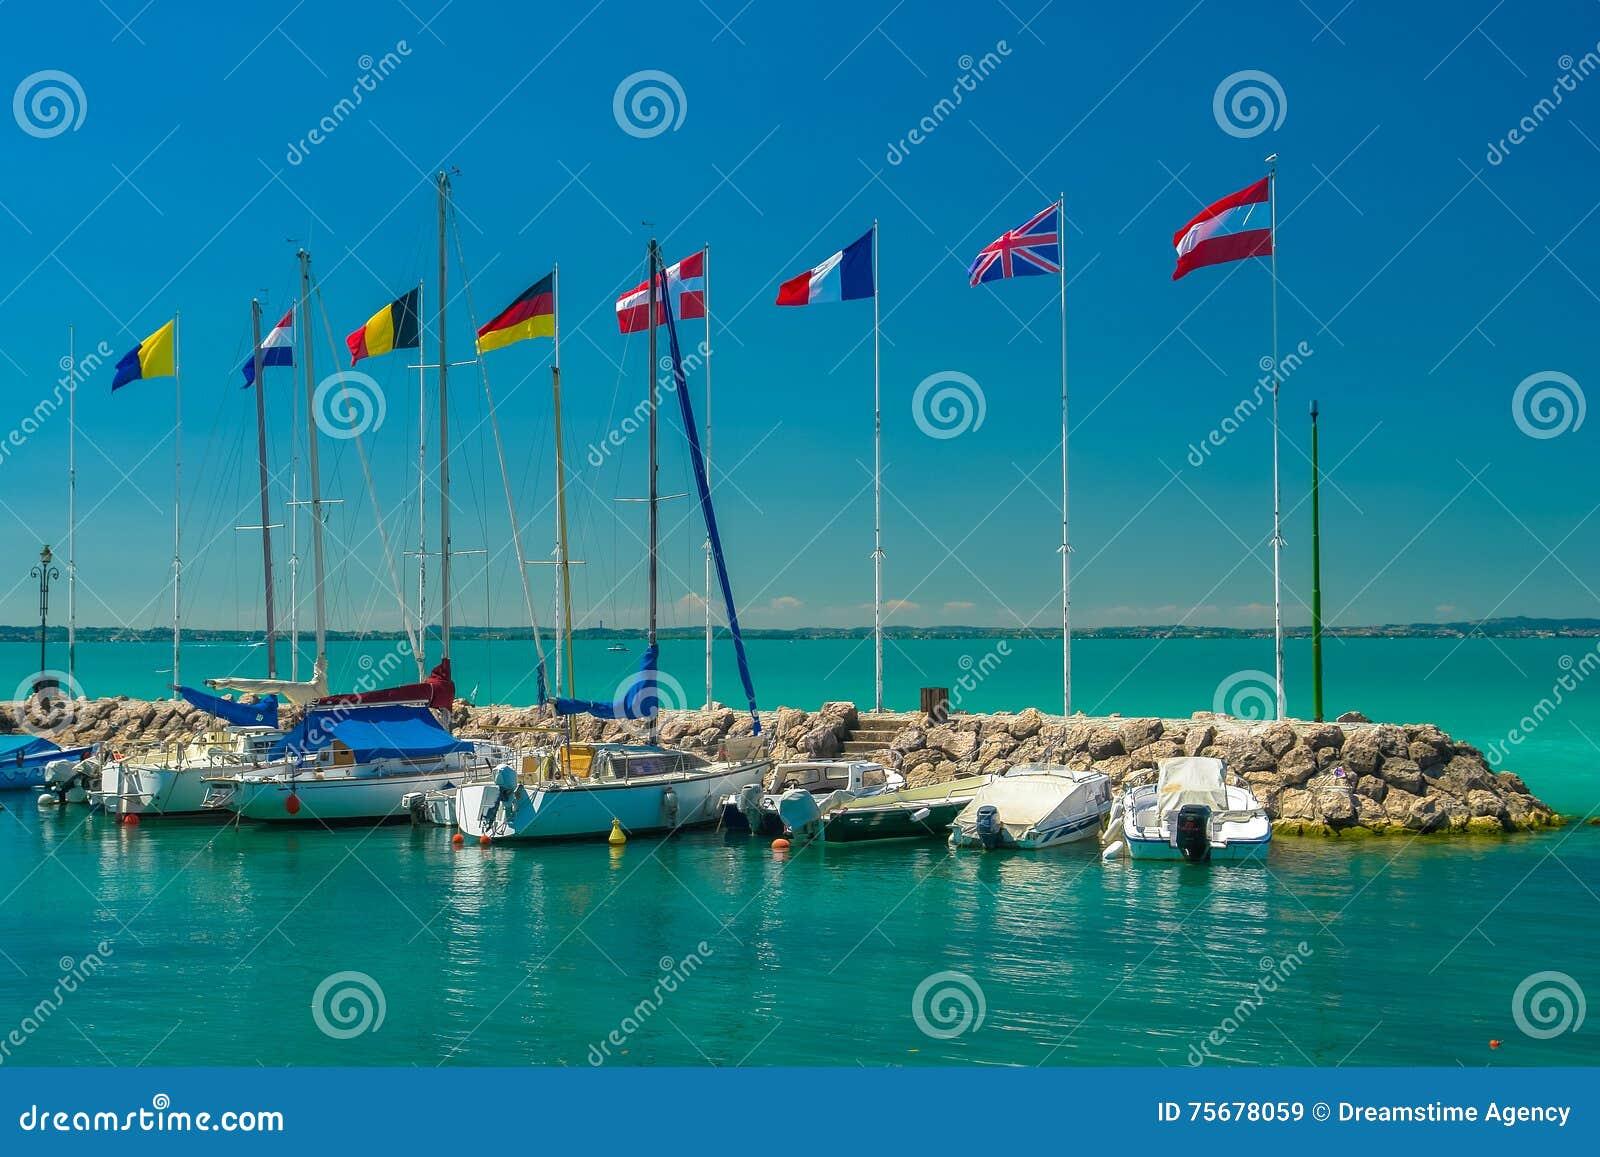 Marina for yachts